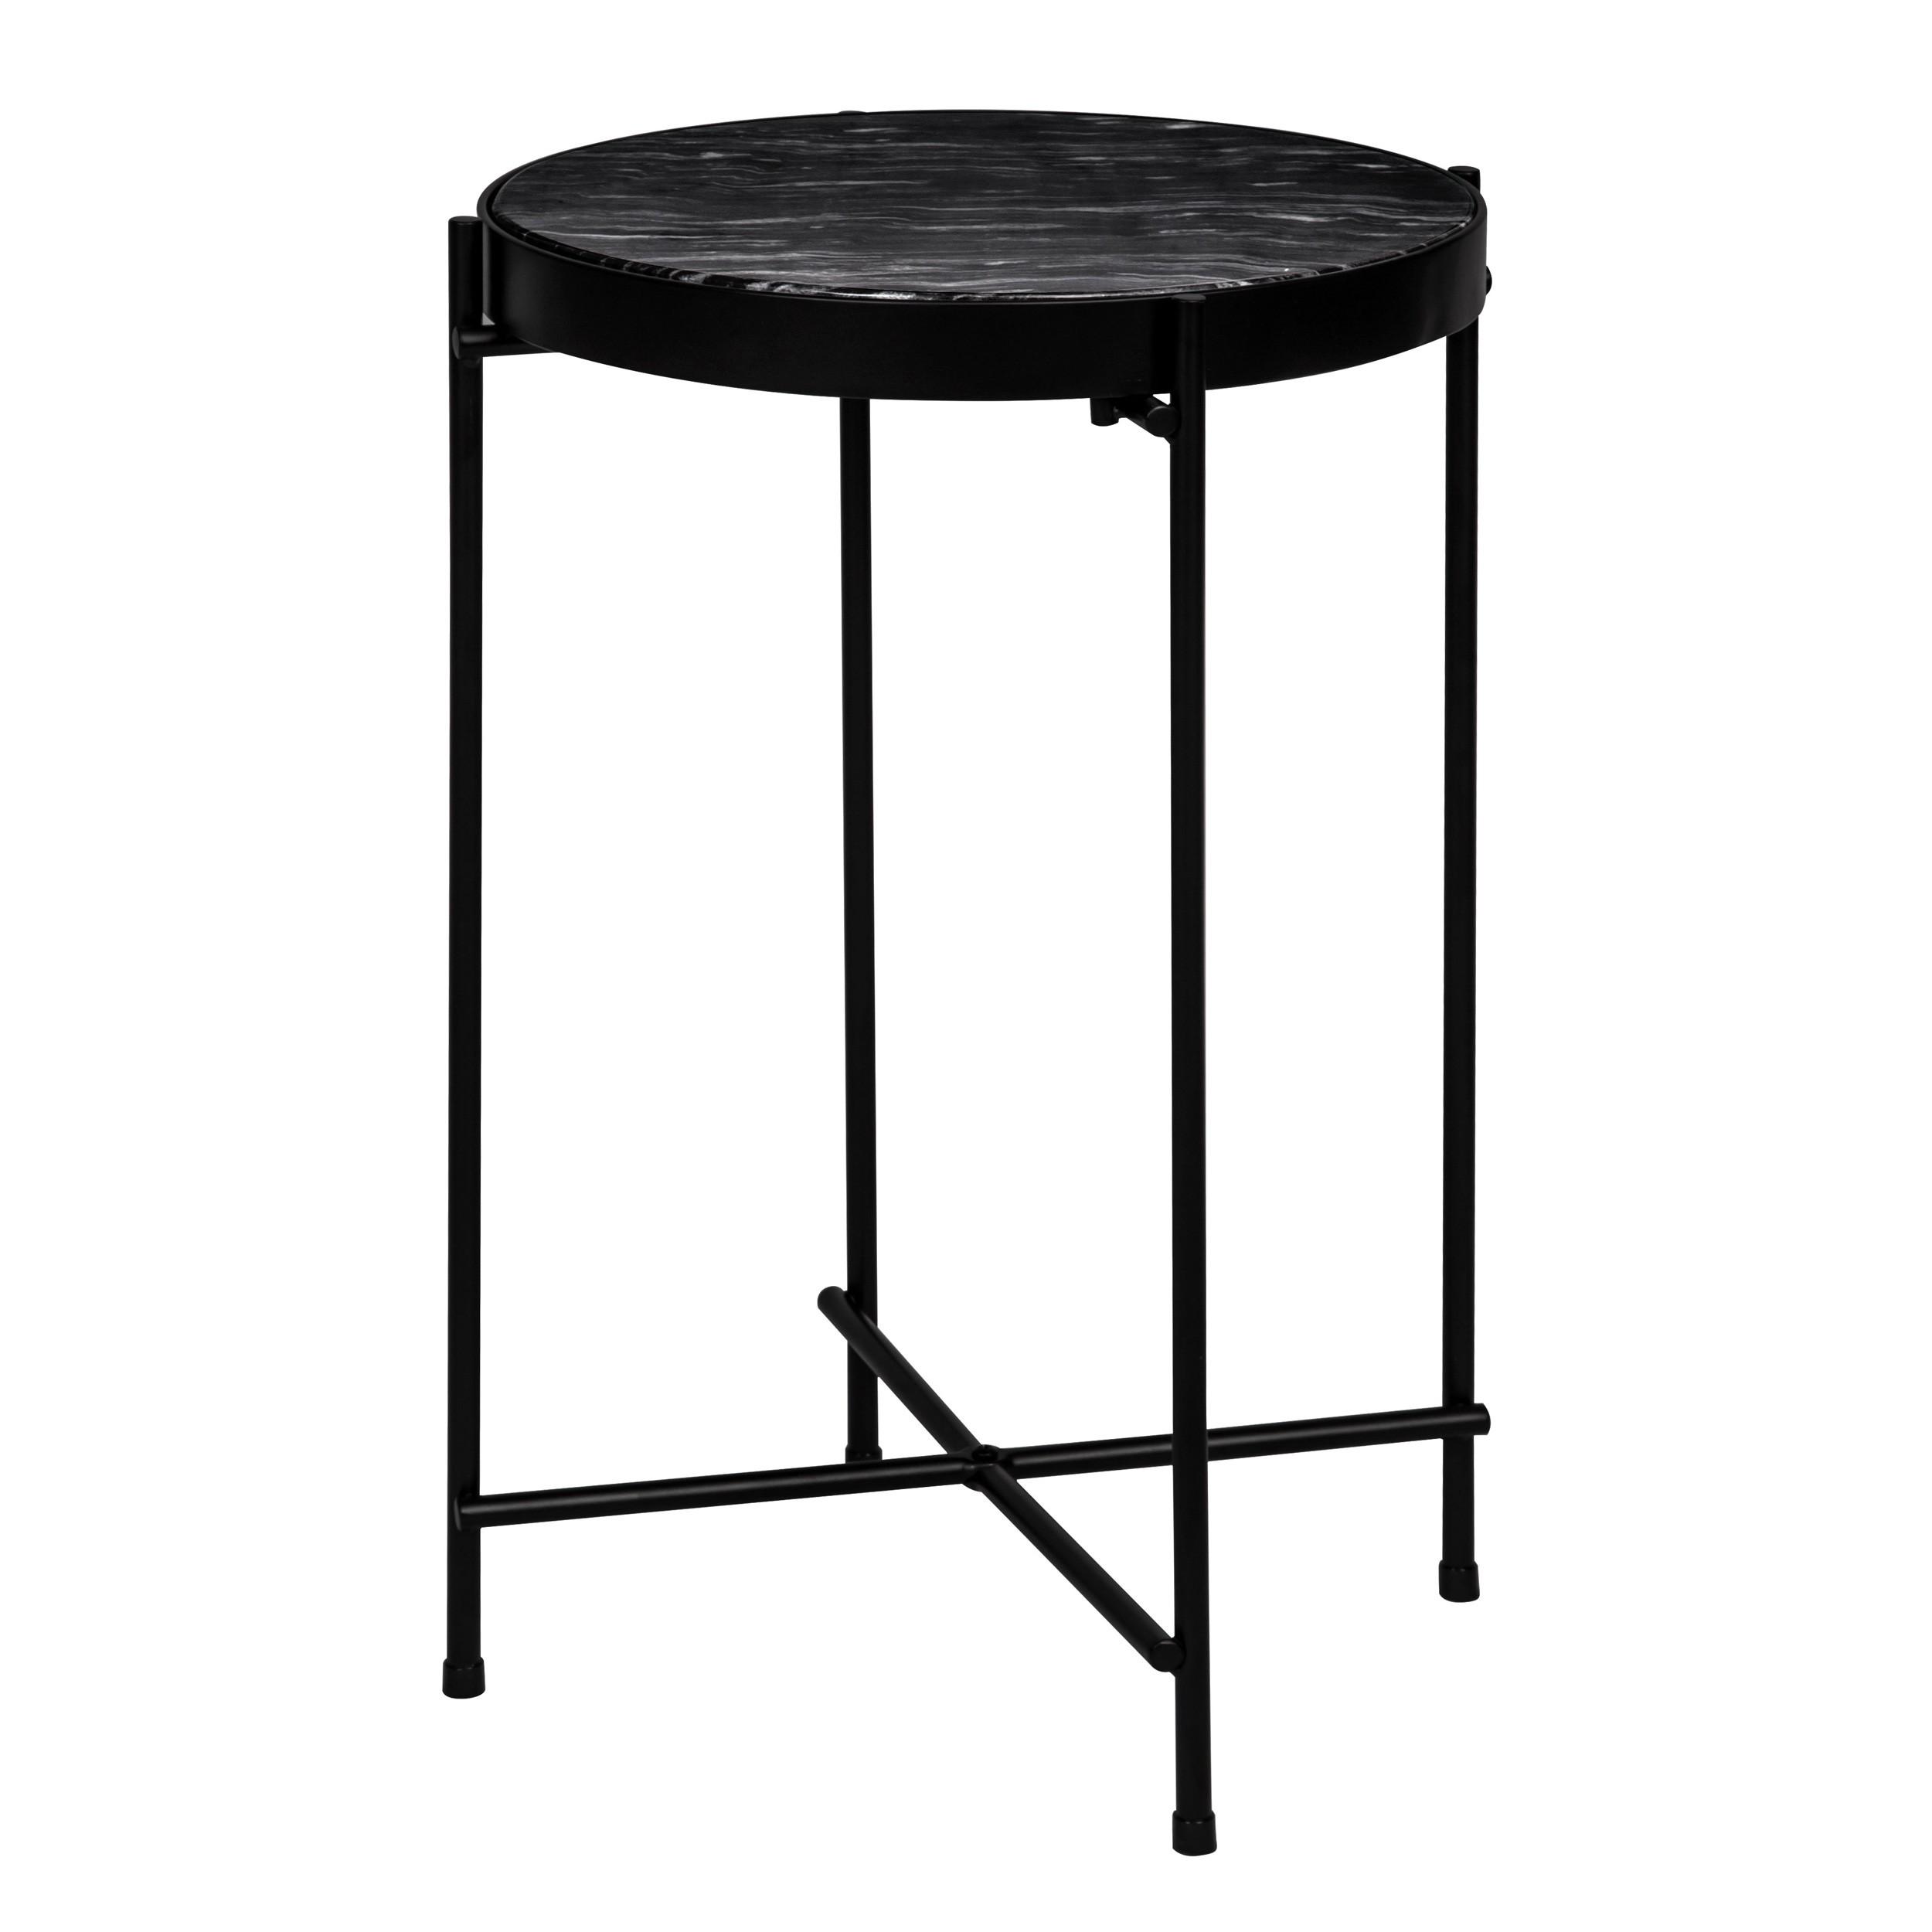 table basse ronde thilda slim marbre noire commandez les tables basses rondes thilda slim. Black Bedroom Furniture Sets. Home Design Ideas